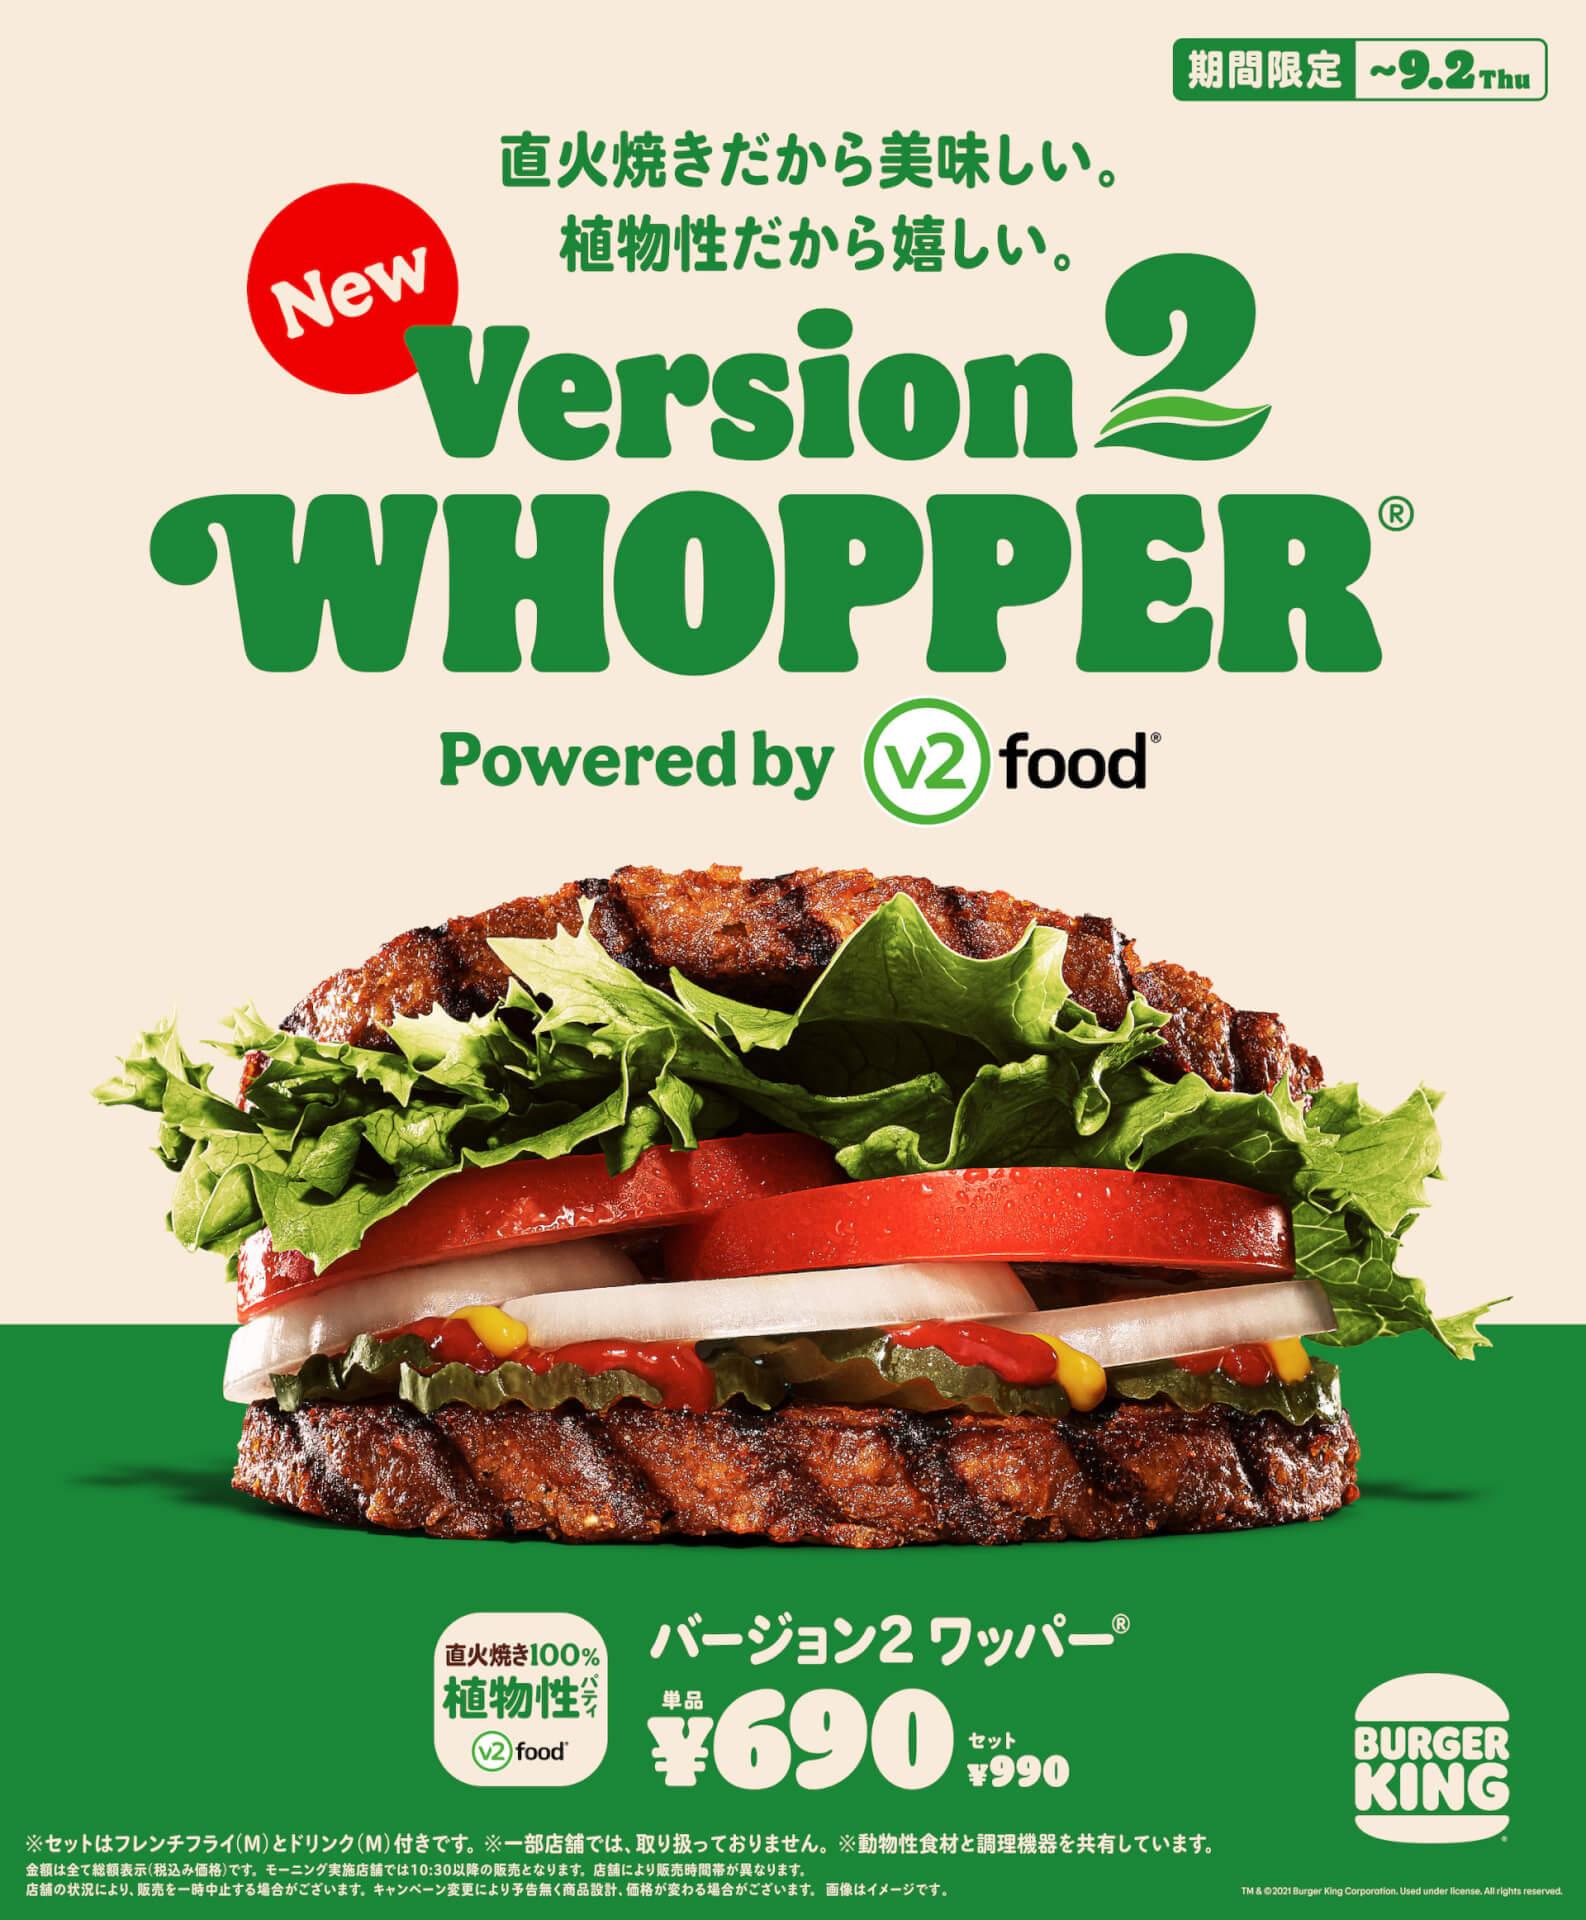 100%植物性パティ2枚で野菜をサンド!バーガーキングで『バージョン2ワッパー』が新発売 gourmet210805_burgerking_2